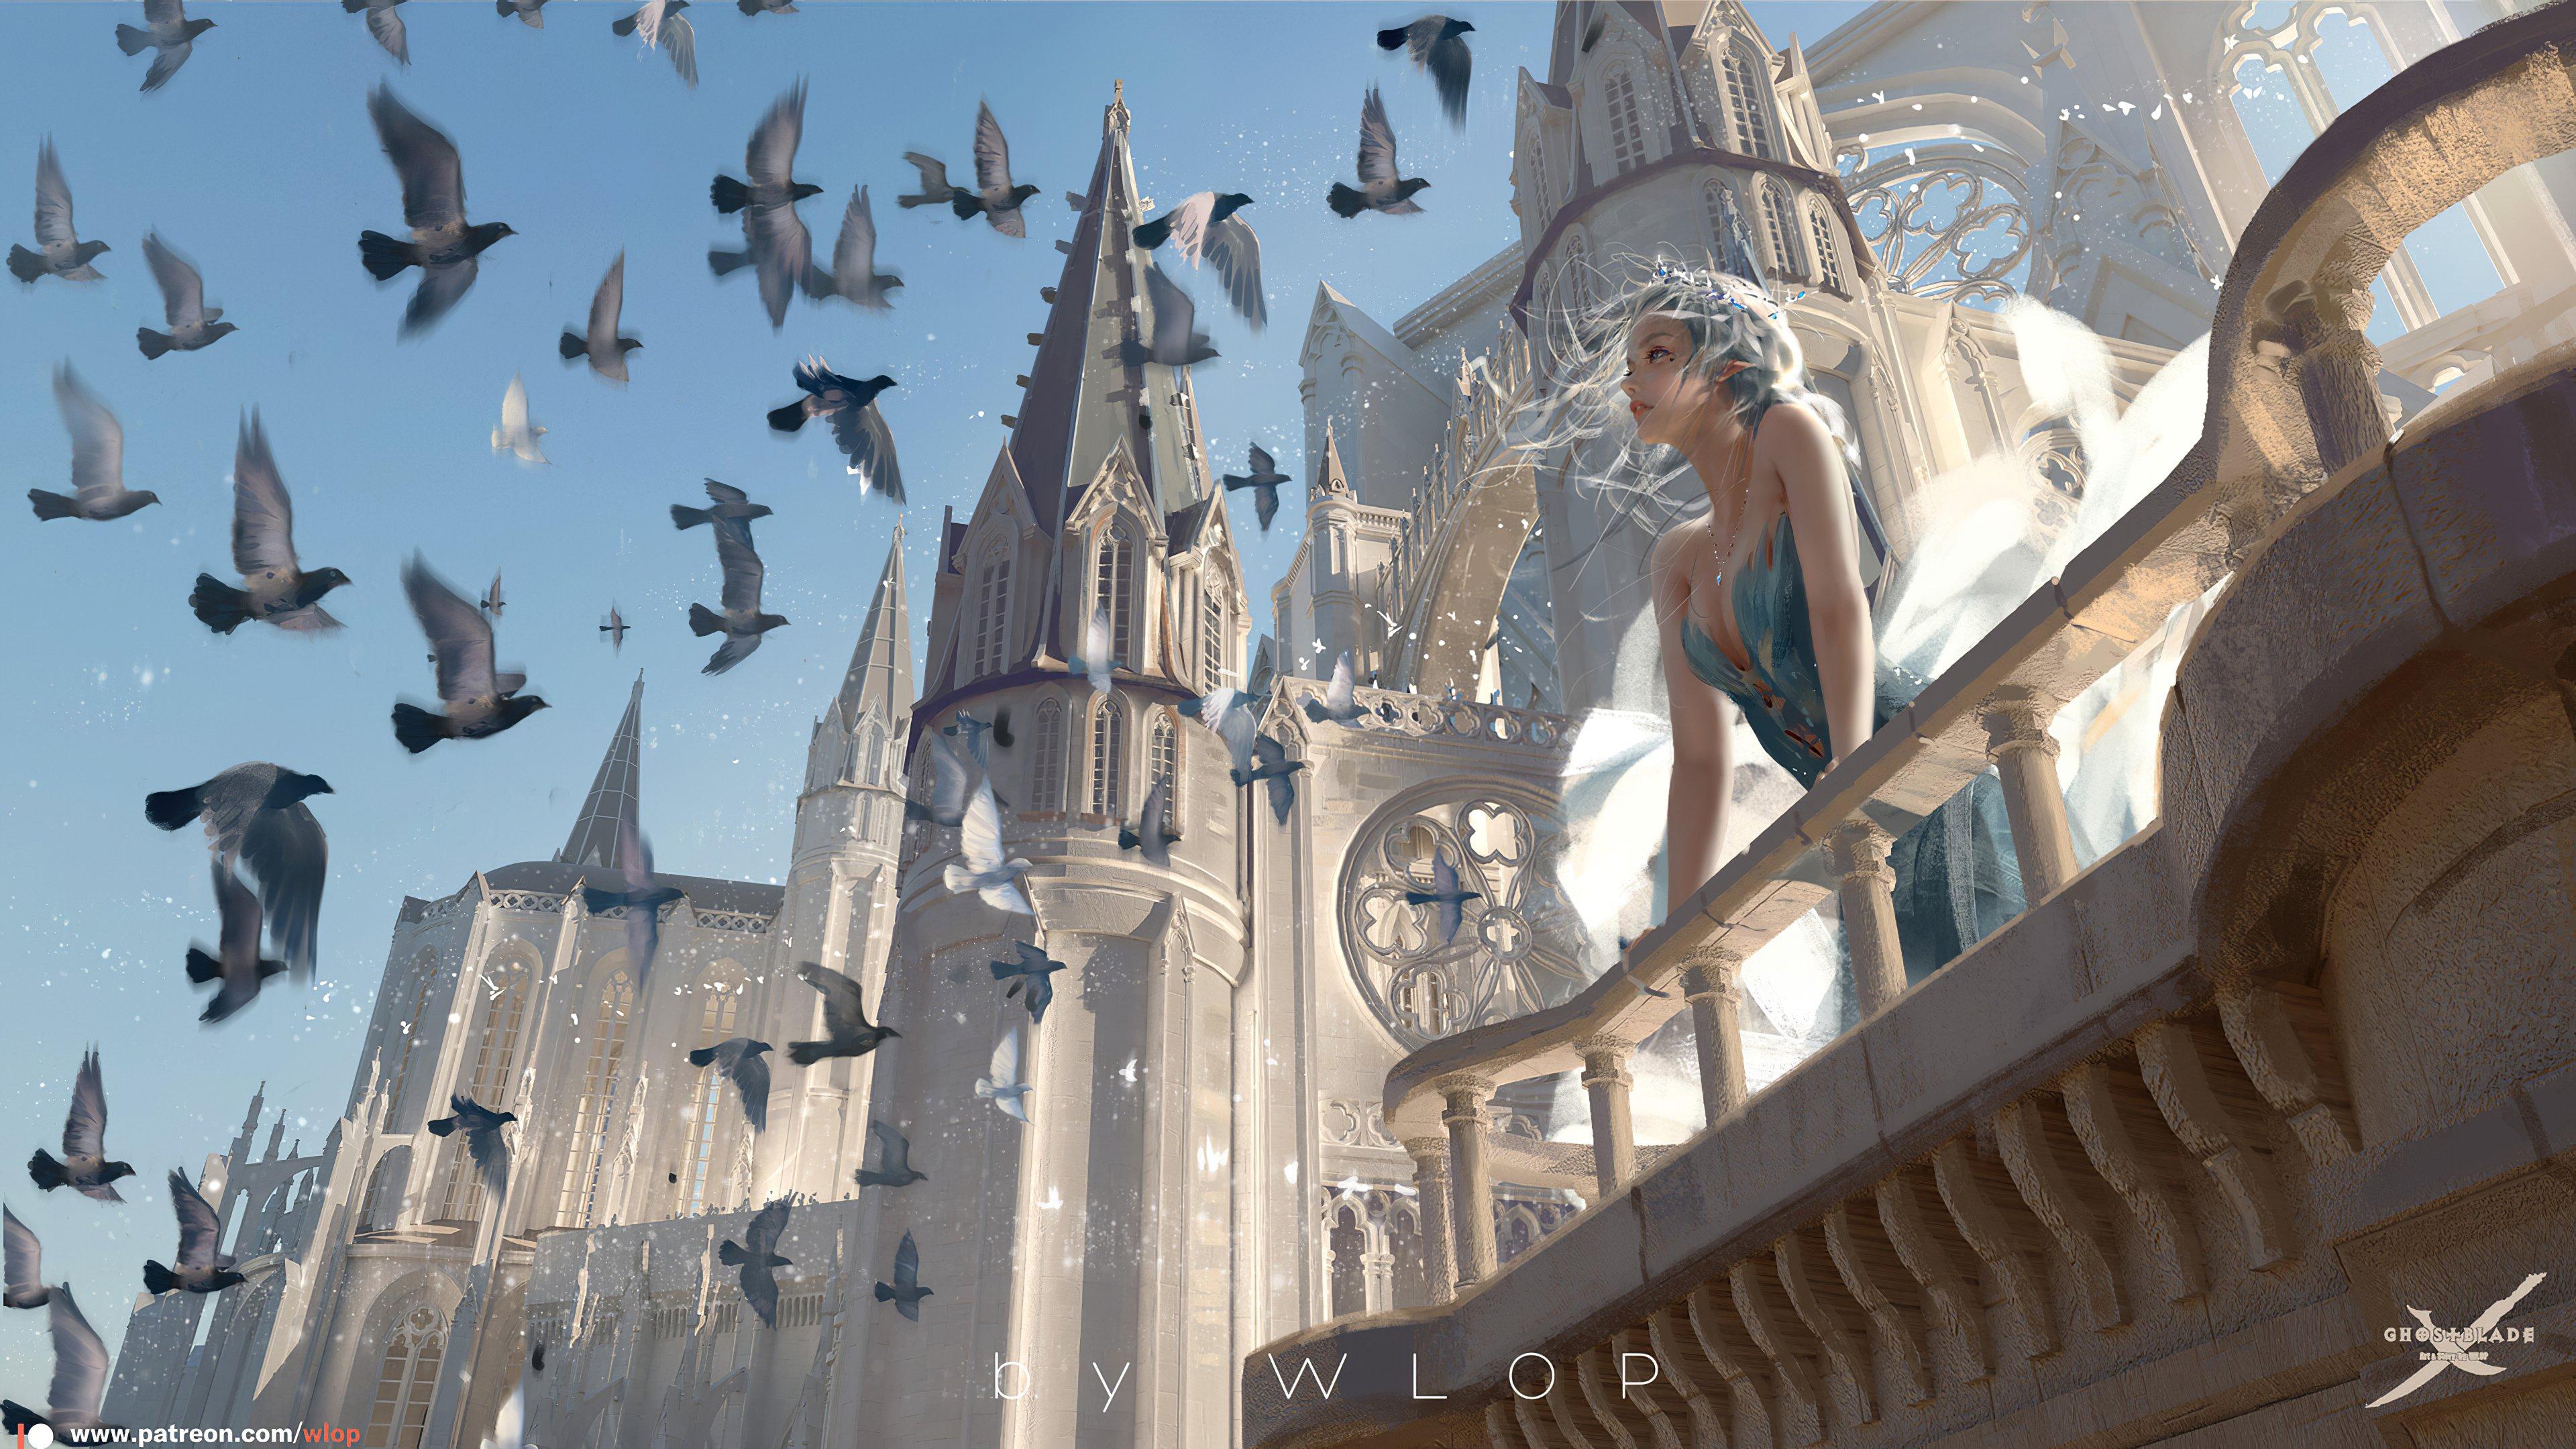 Fondos de pantalla Reina blanca en castillo con aves